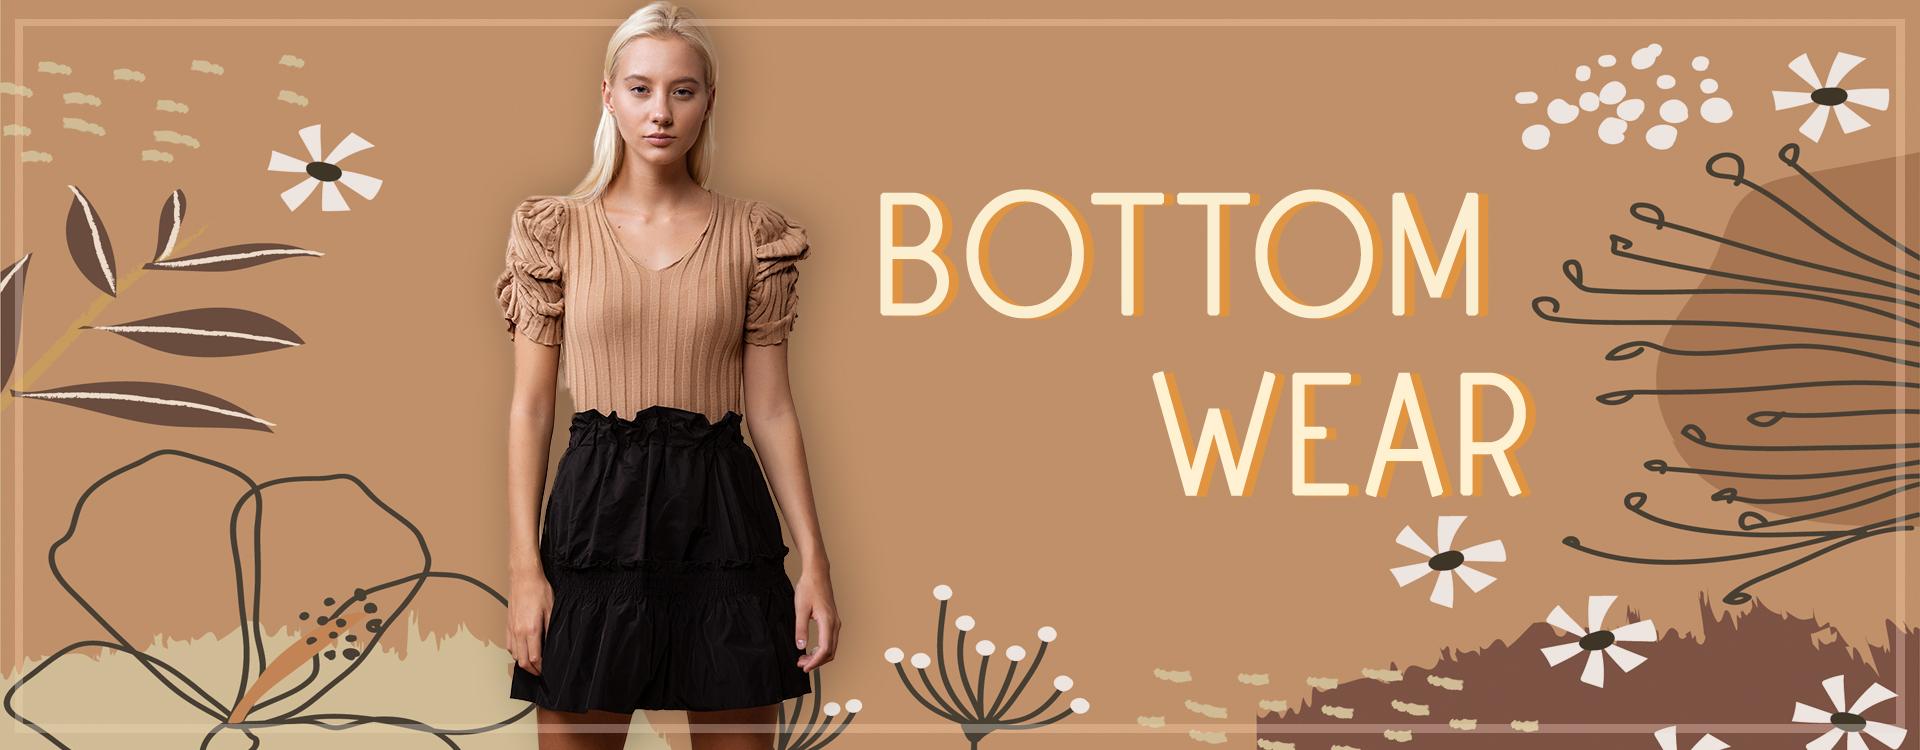 bottom-wear.jpg